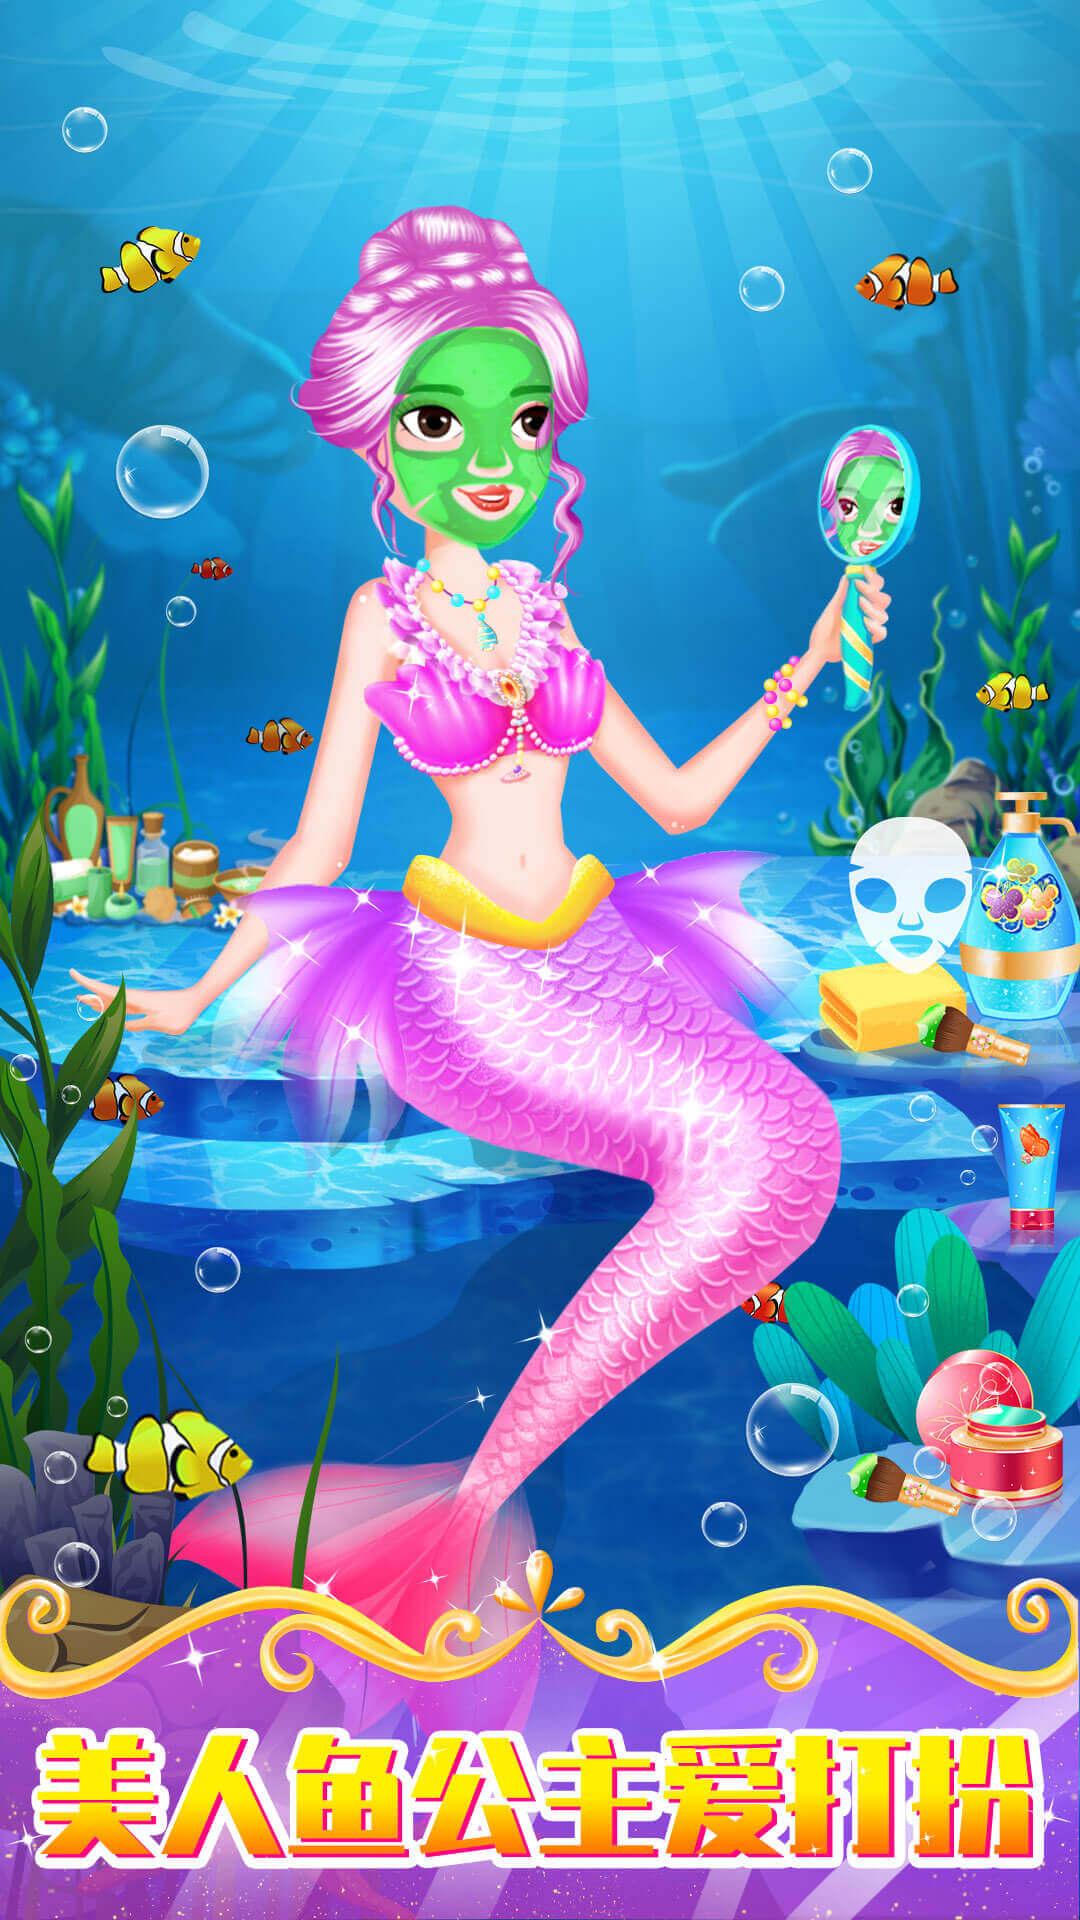 美人鱼魔法变身截图